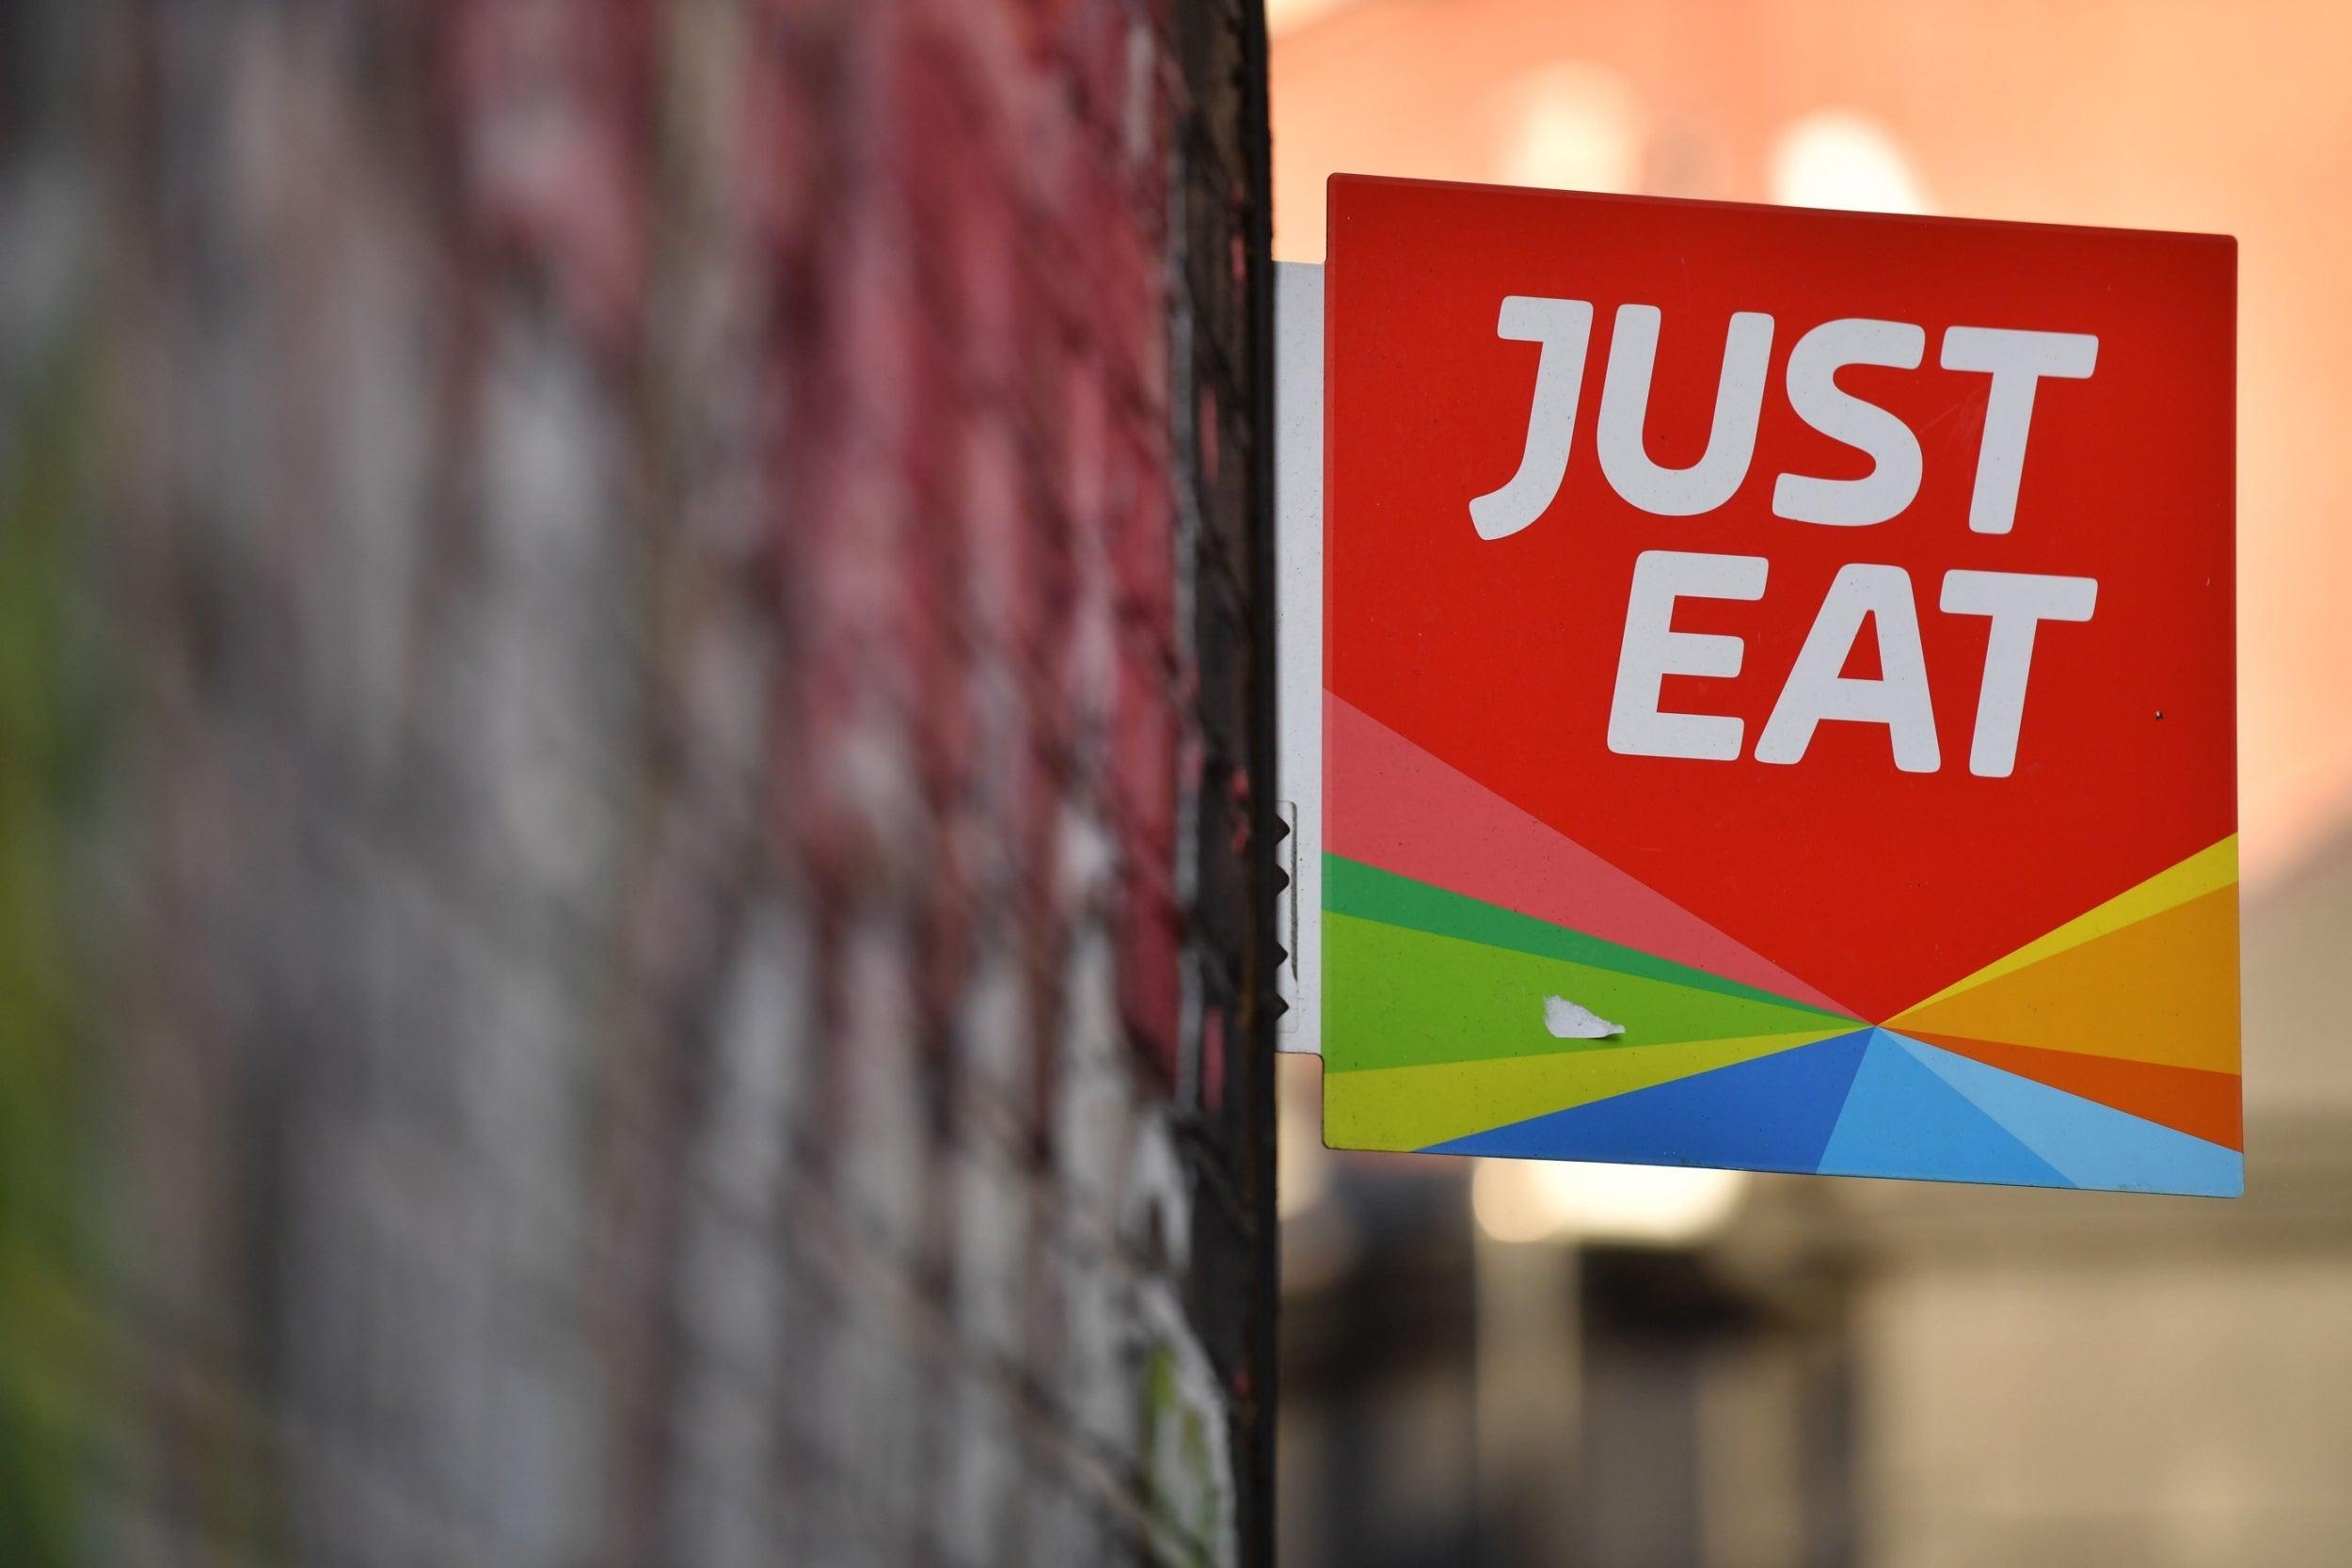 Takeawaycom Wins Battle To Buy Just Eat In 59bn Deal